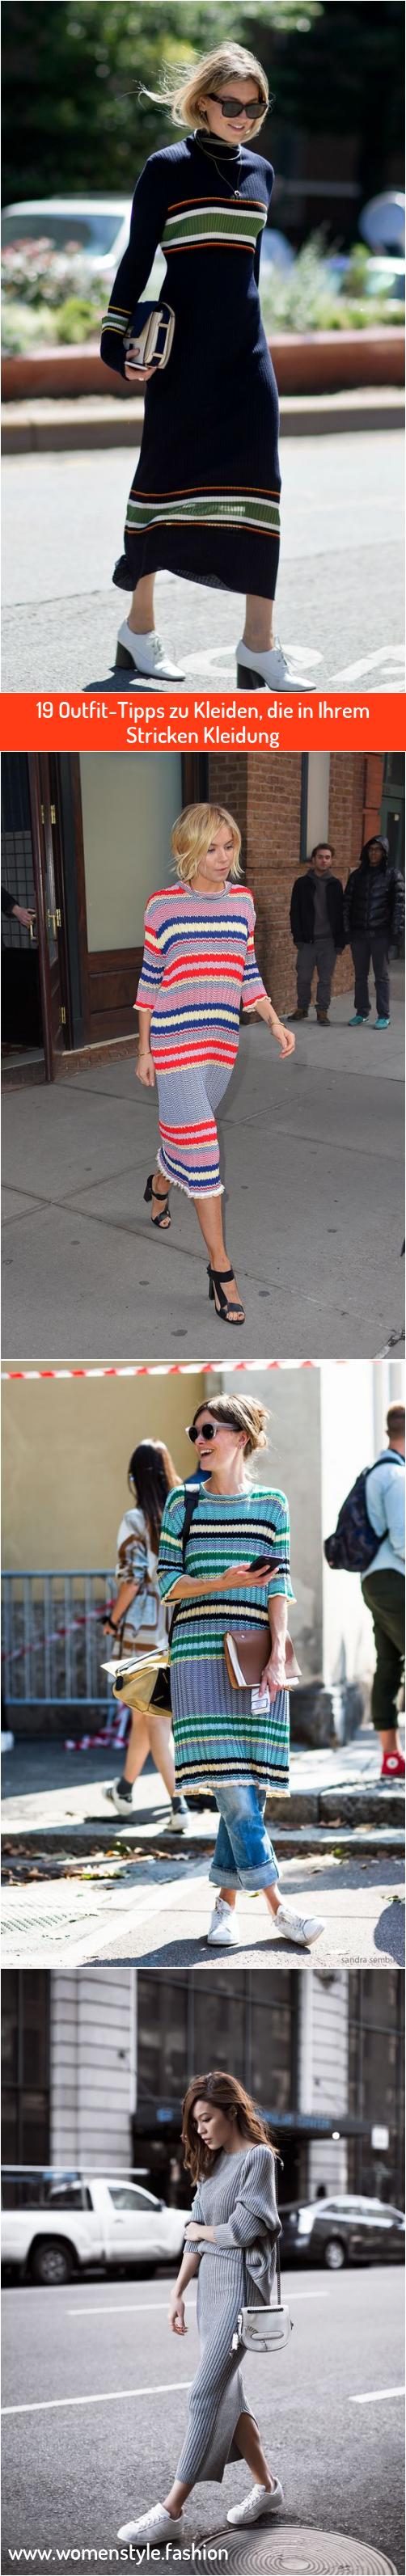 19 Outfit Tipps Zu Kleiden Die In Ihrem Stricken Kleidung In 2020